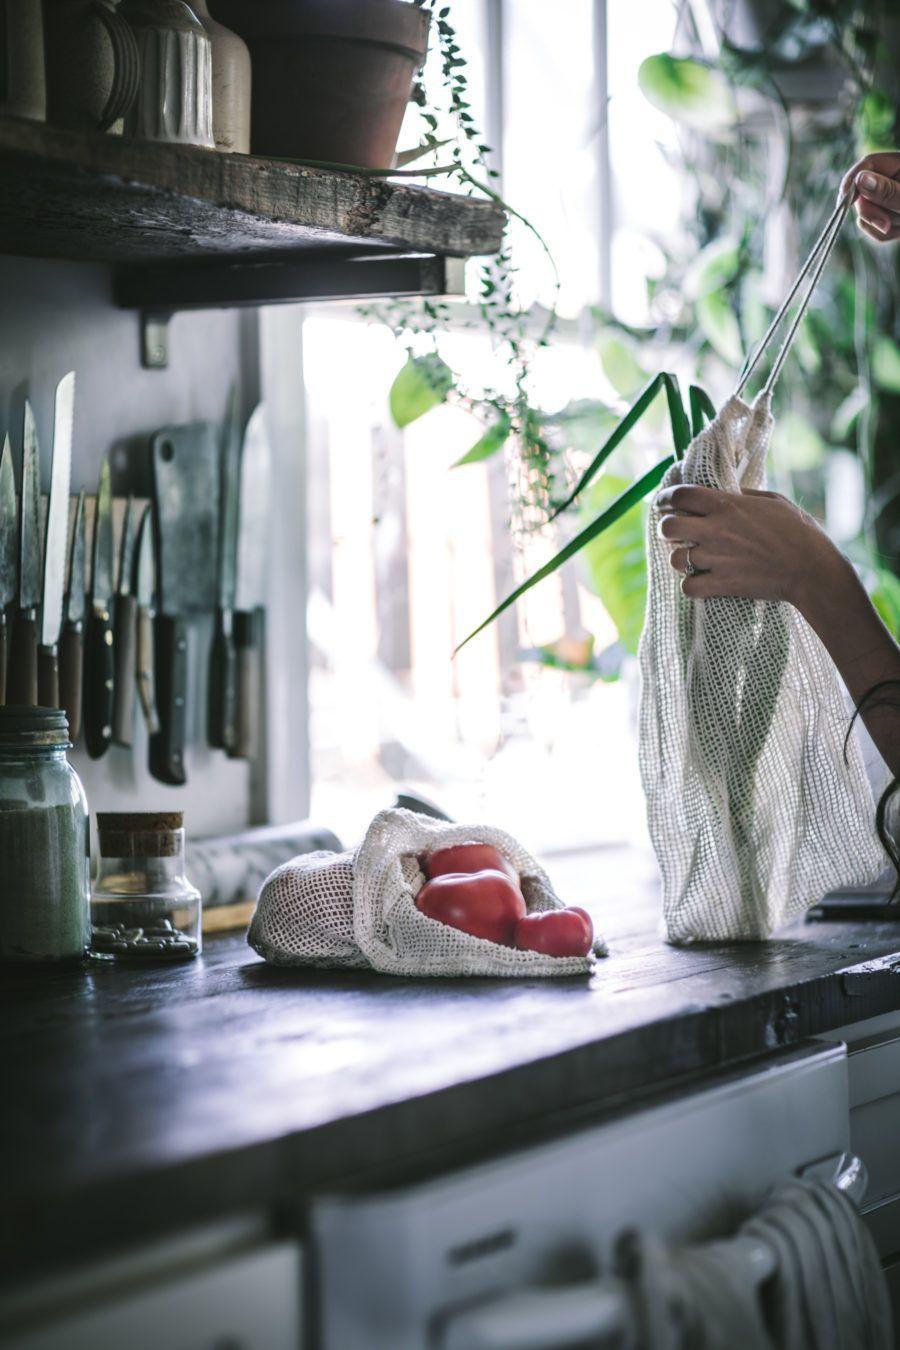 8 tips for a zero waste kitchen adventures in cooking zero waste kitchen zero waste waste on zero waste kitchen interior id=49379